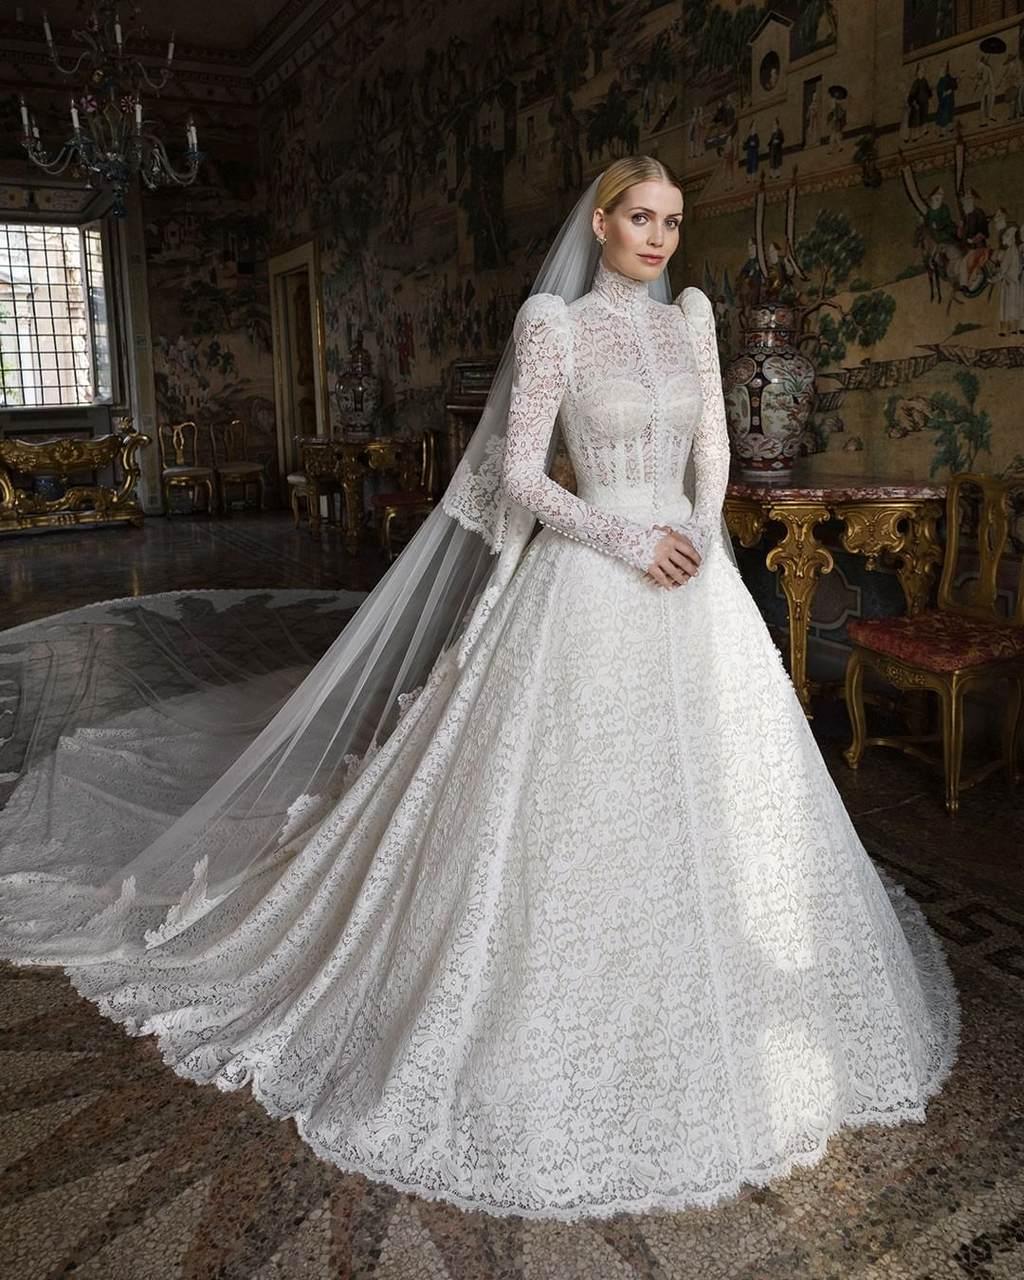 Lady Kitty Spencer, sobrinha da princesa Diana, se casa com milionário na Itália